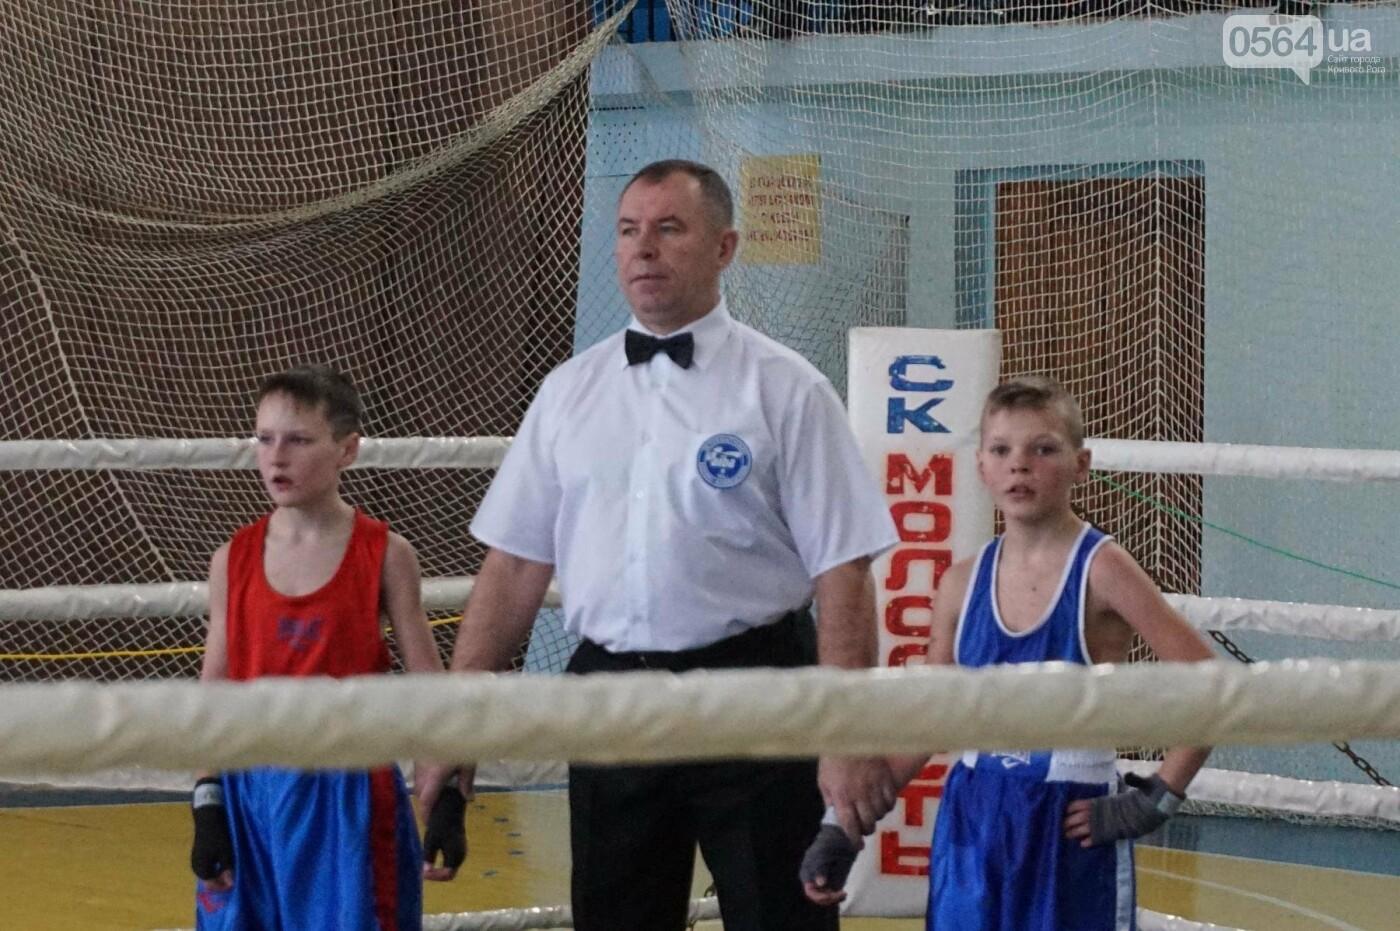 В Кривом Роге состоялся Международный турнир по боксу (ФОТО, ВИДЕО), фото-49